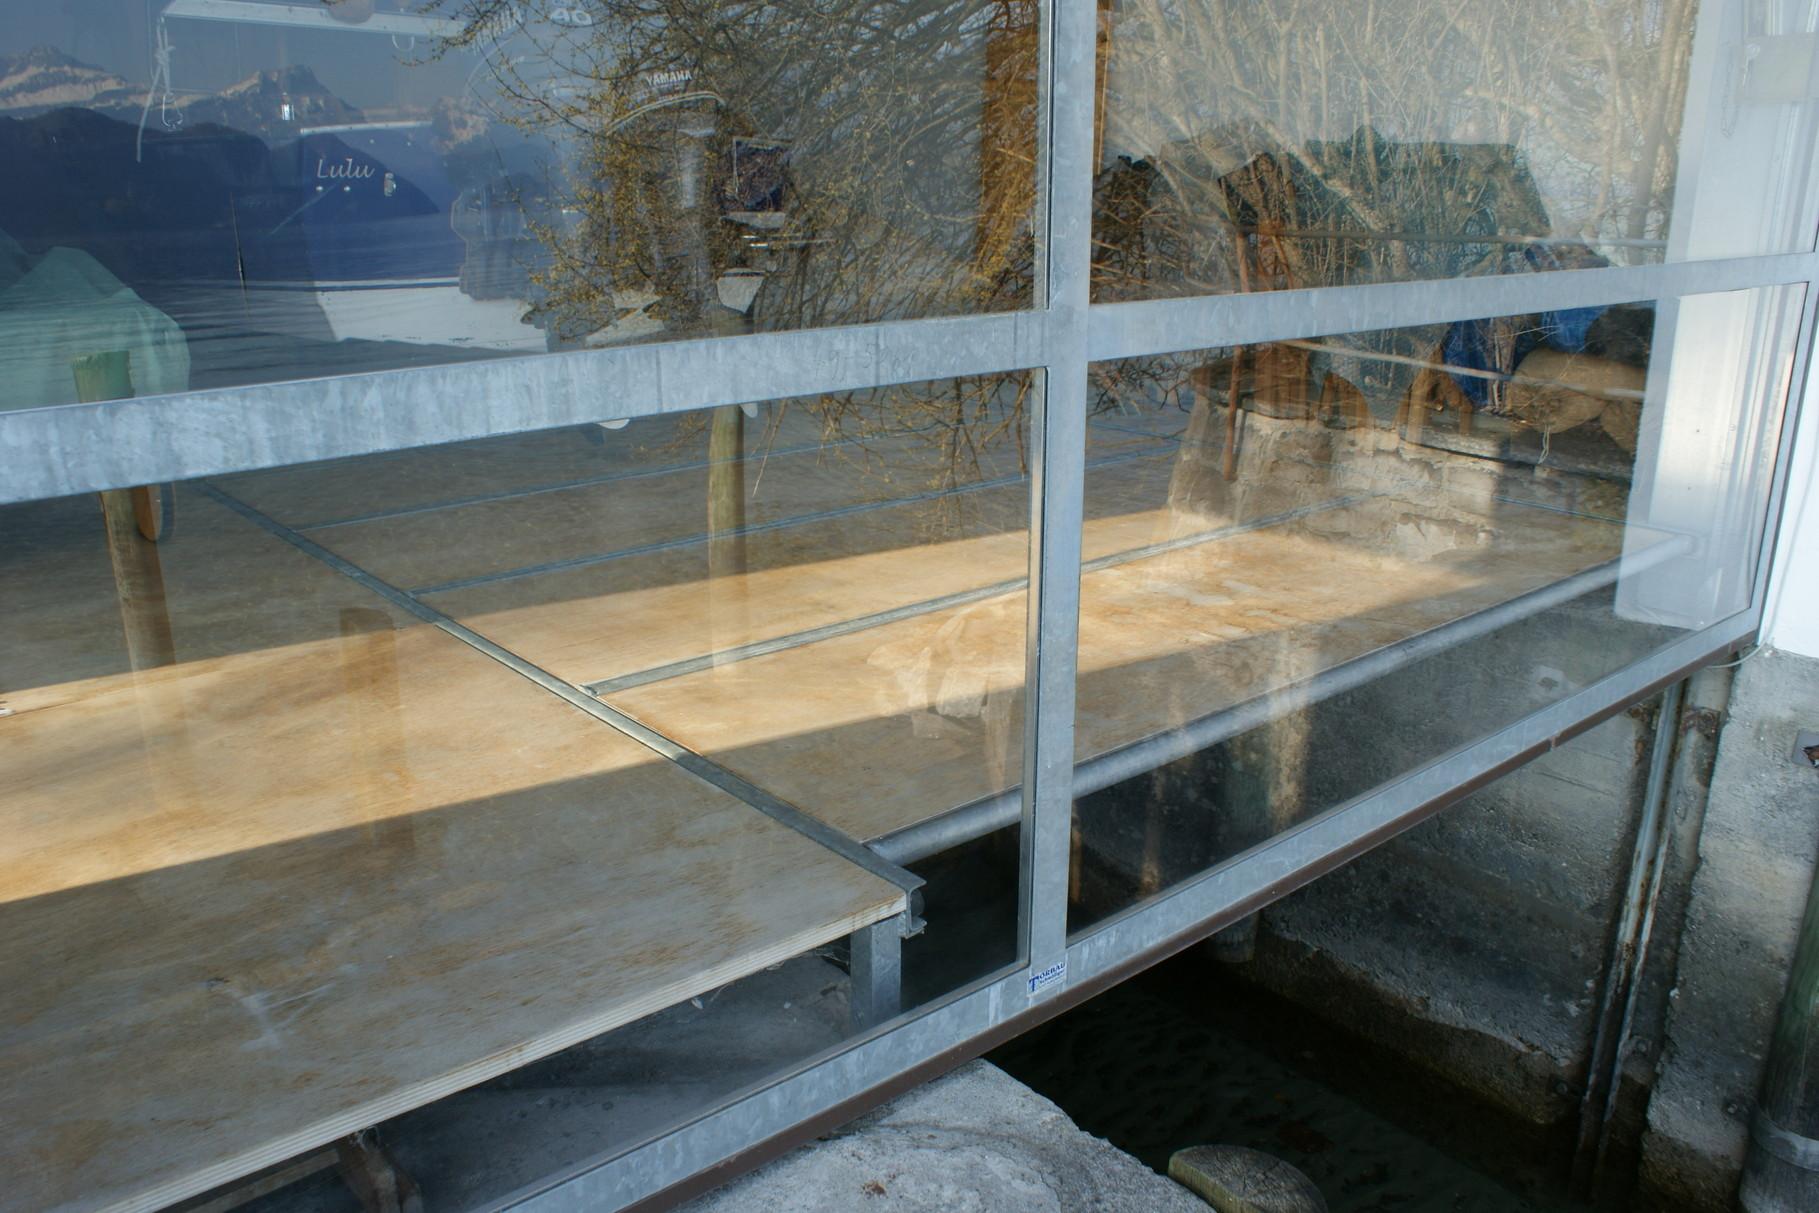 Detail - Bodentor & Kipptor geschlossen